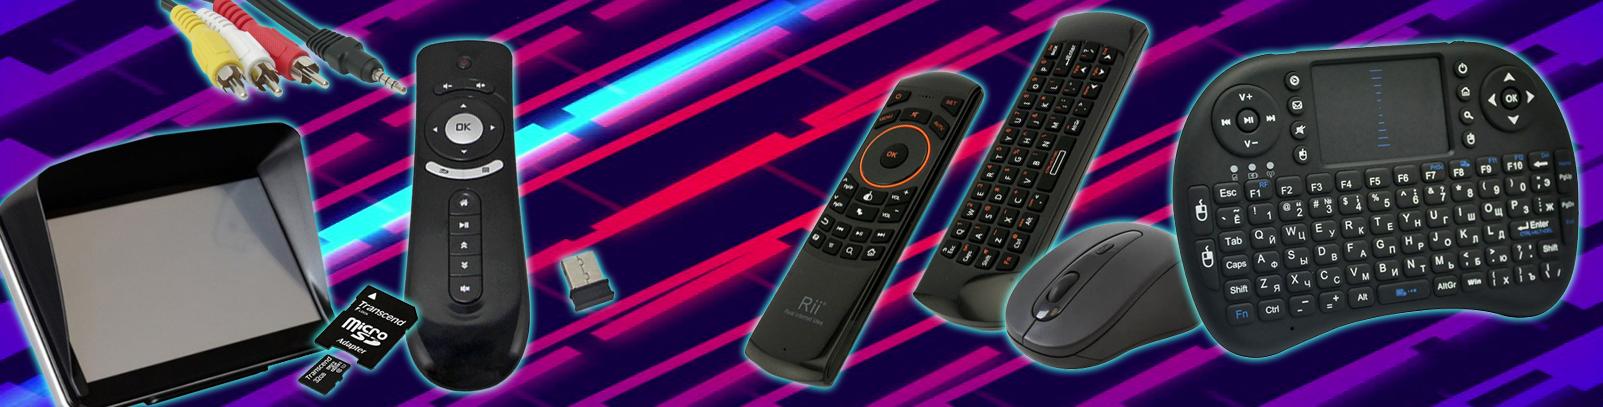 Аэро мышь для Смарт ТВ, беспроводная клавиатура для Smart TV и другие аксессуары